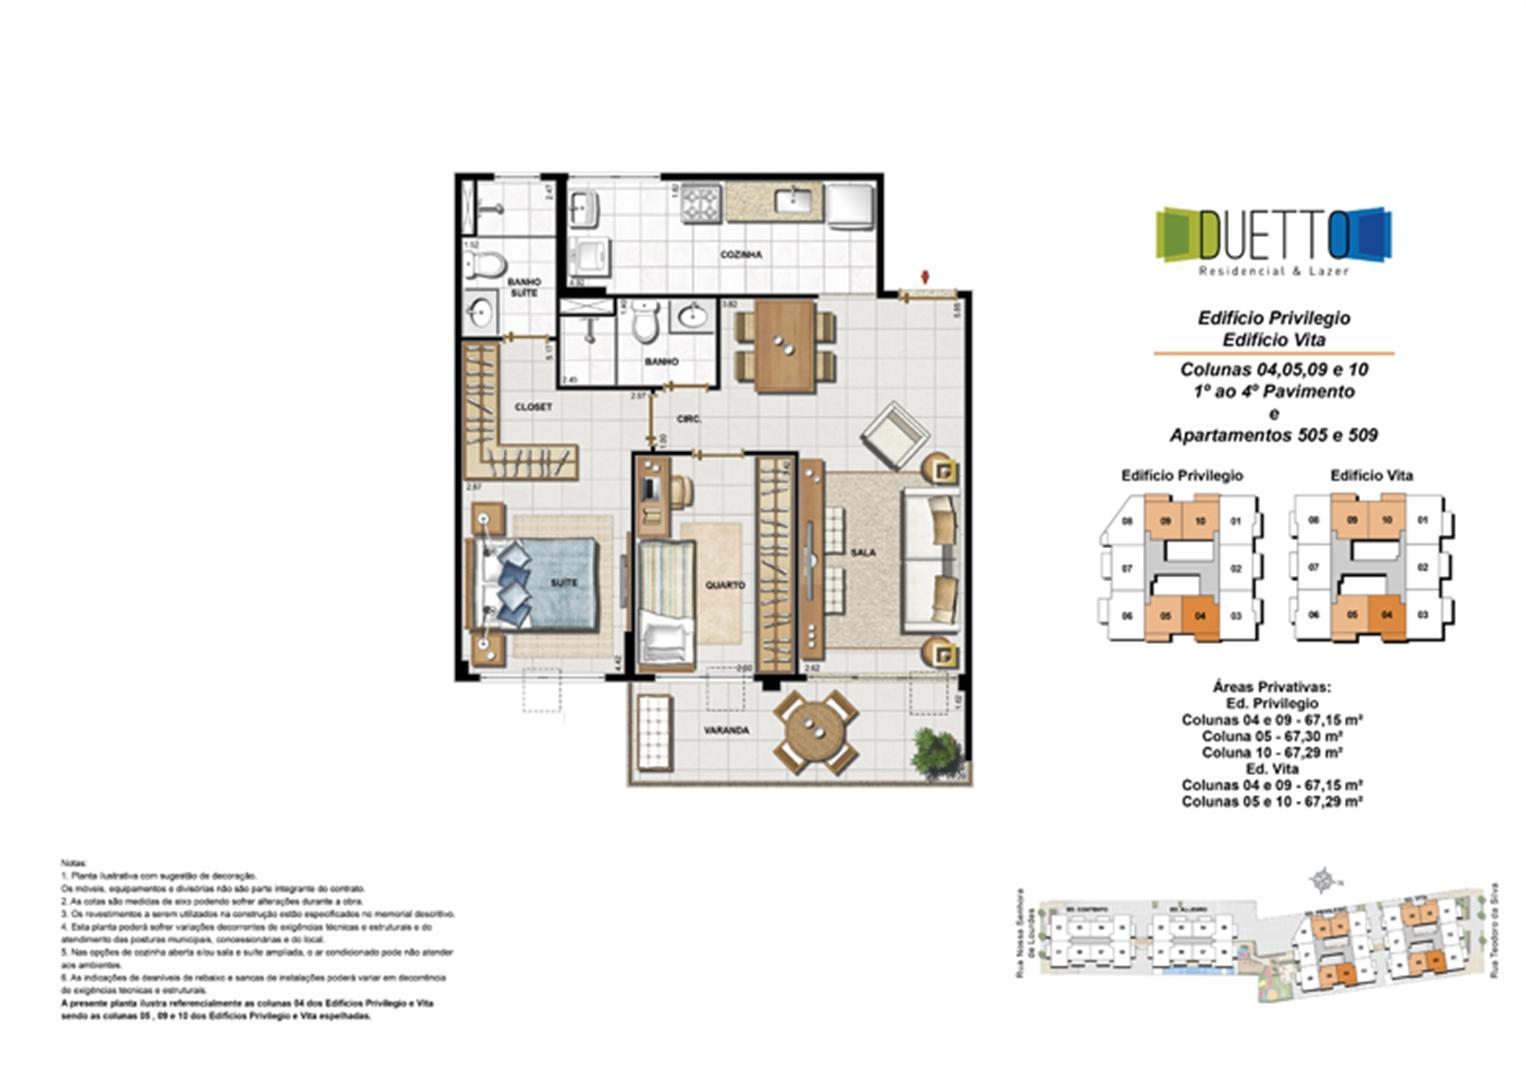 2 Quartos com suíte - 67m² | Duetto Residencial & Lazer – Apartamento no  Grajaú - Rio de Janeiro - Rio de Janeiro